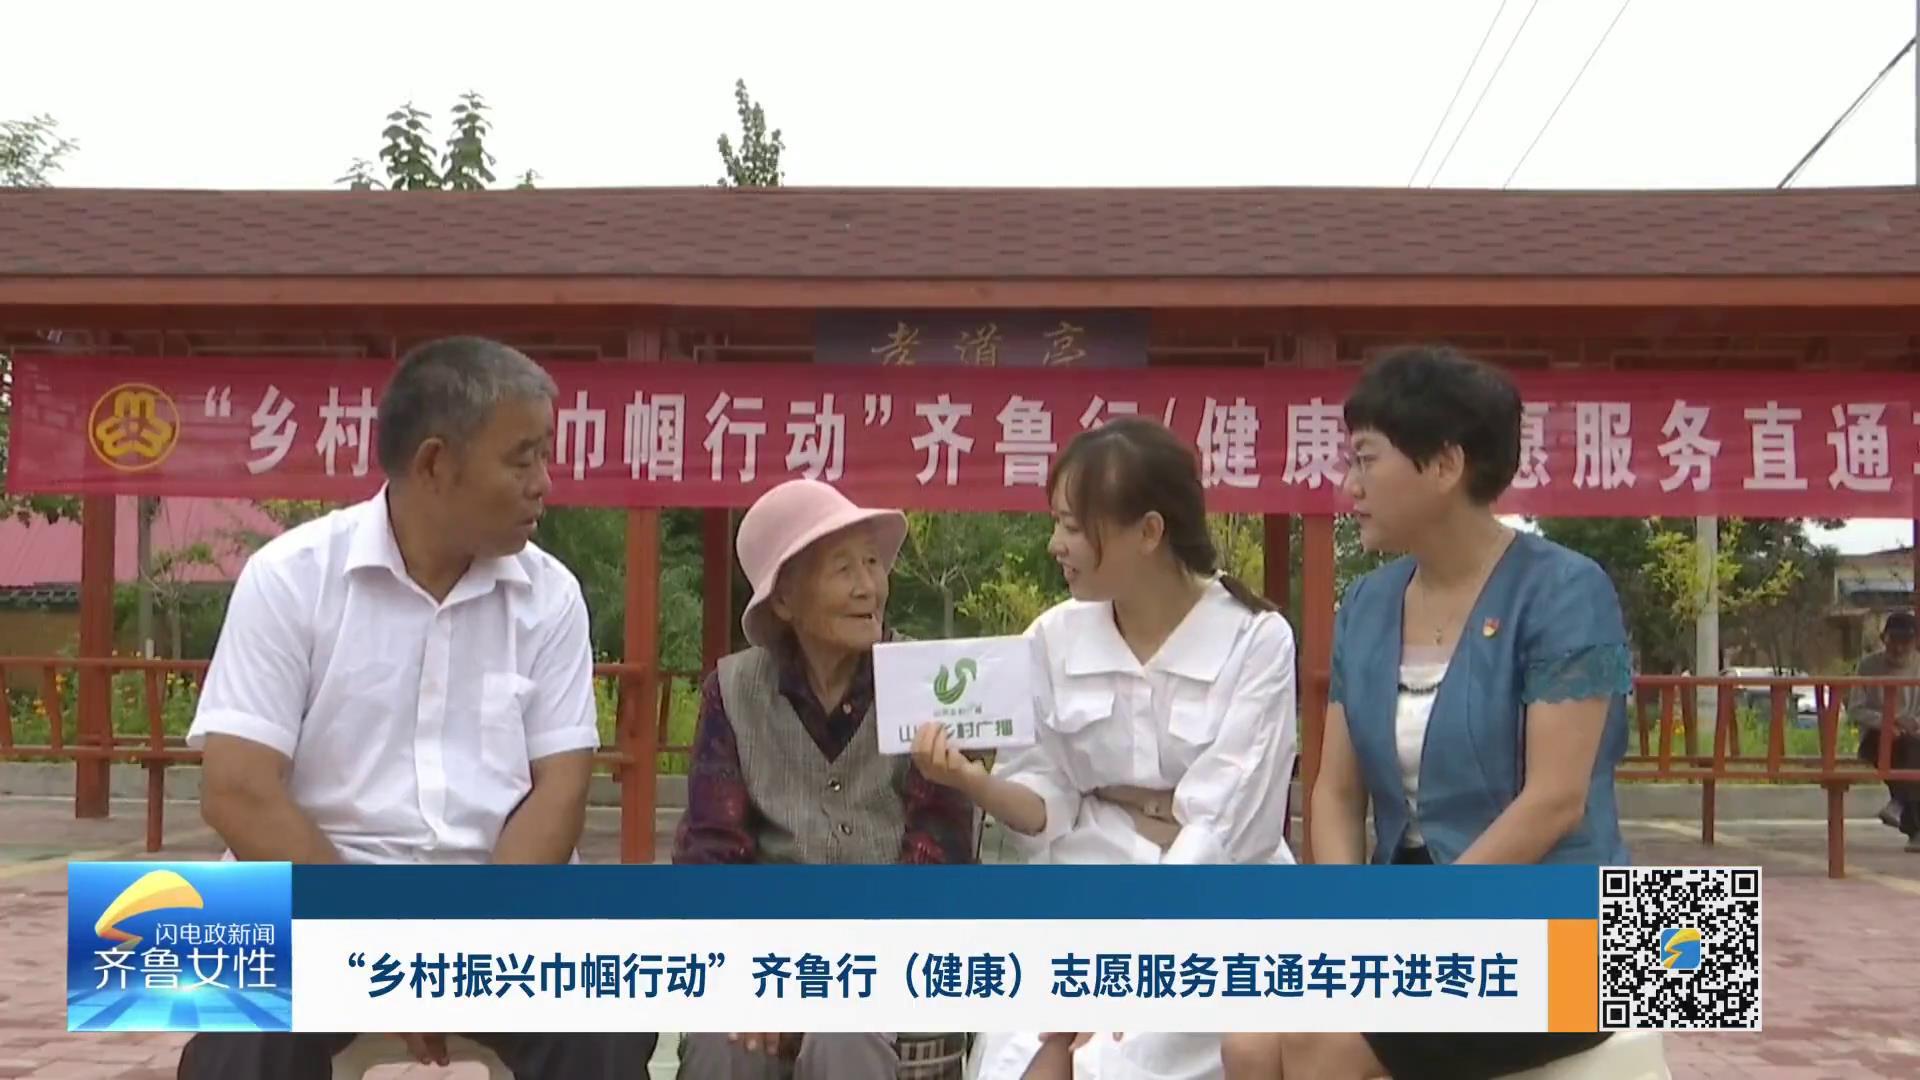 """""""乡村振兴巾帼行动""""齐鲁行(健康)志愿服务直通车开进枣庄"""